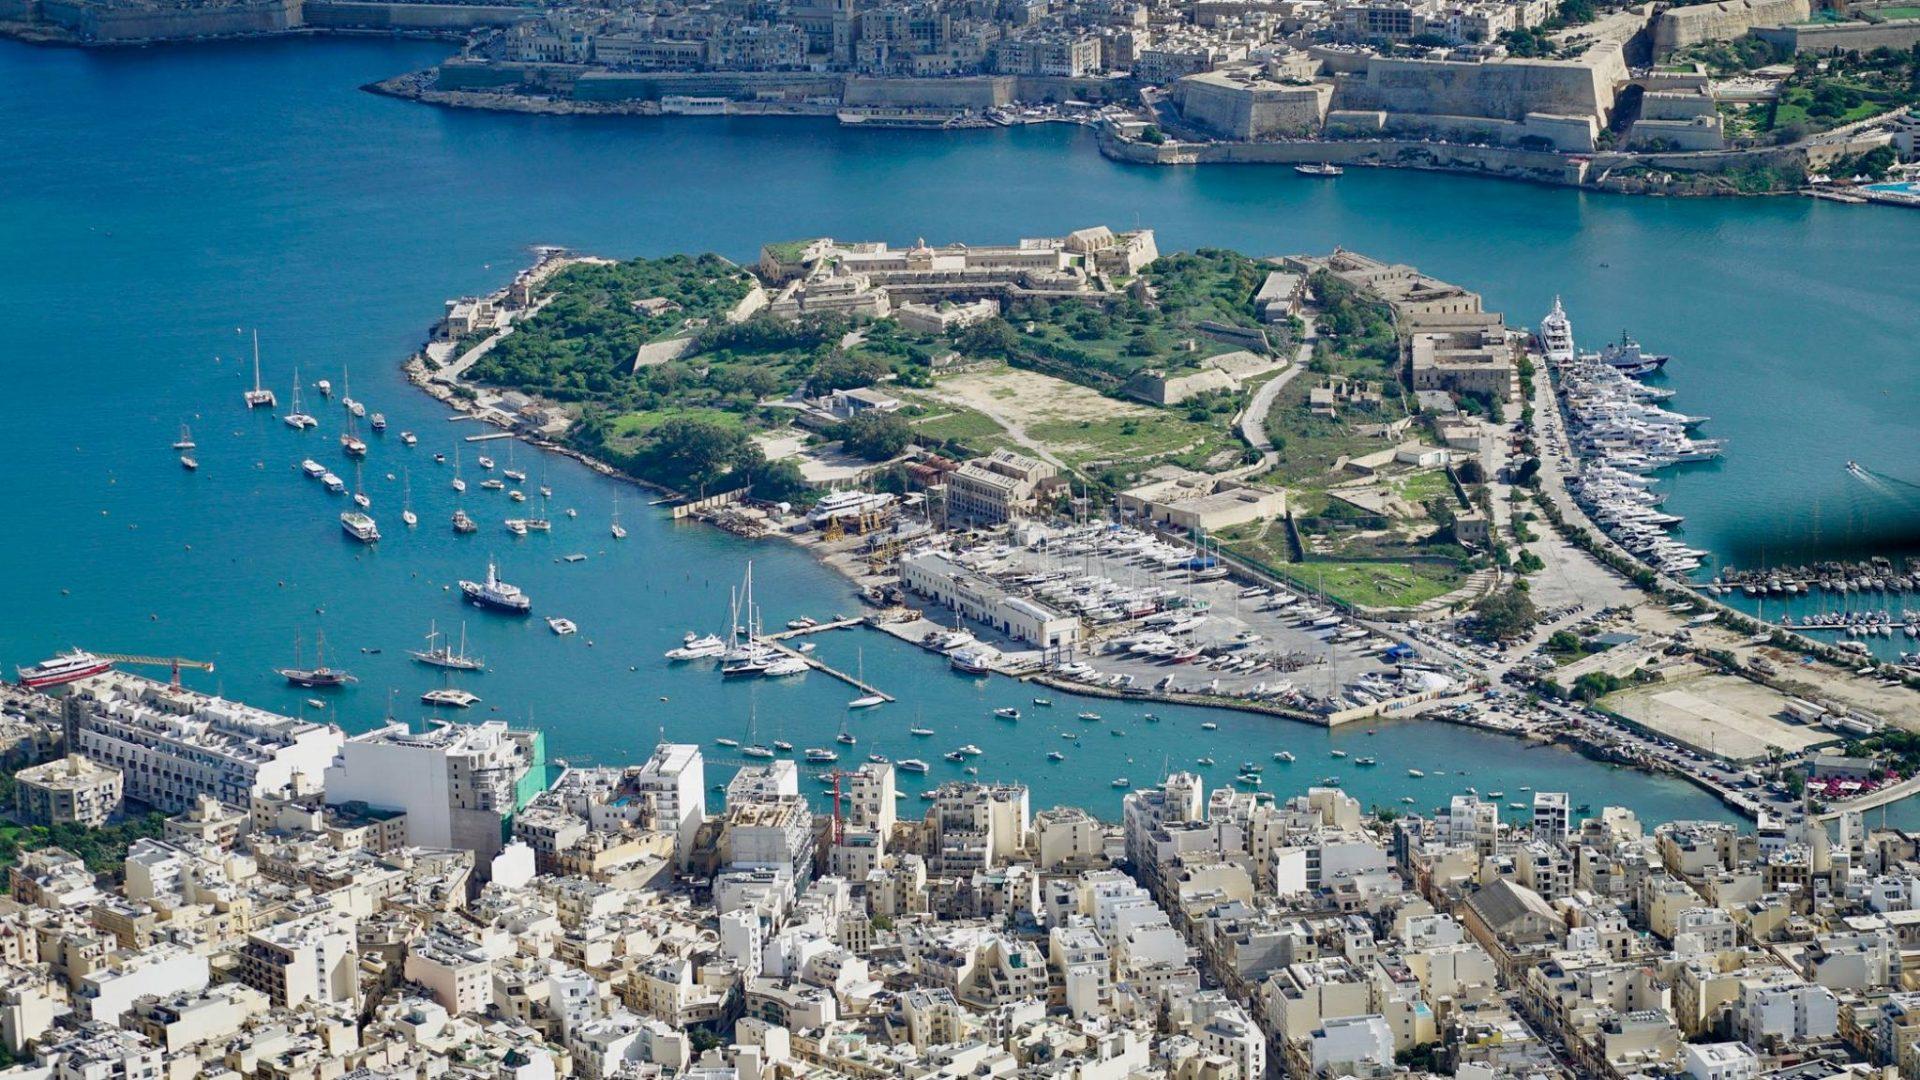 Manoel Island, Malta